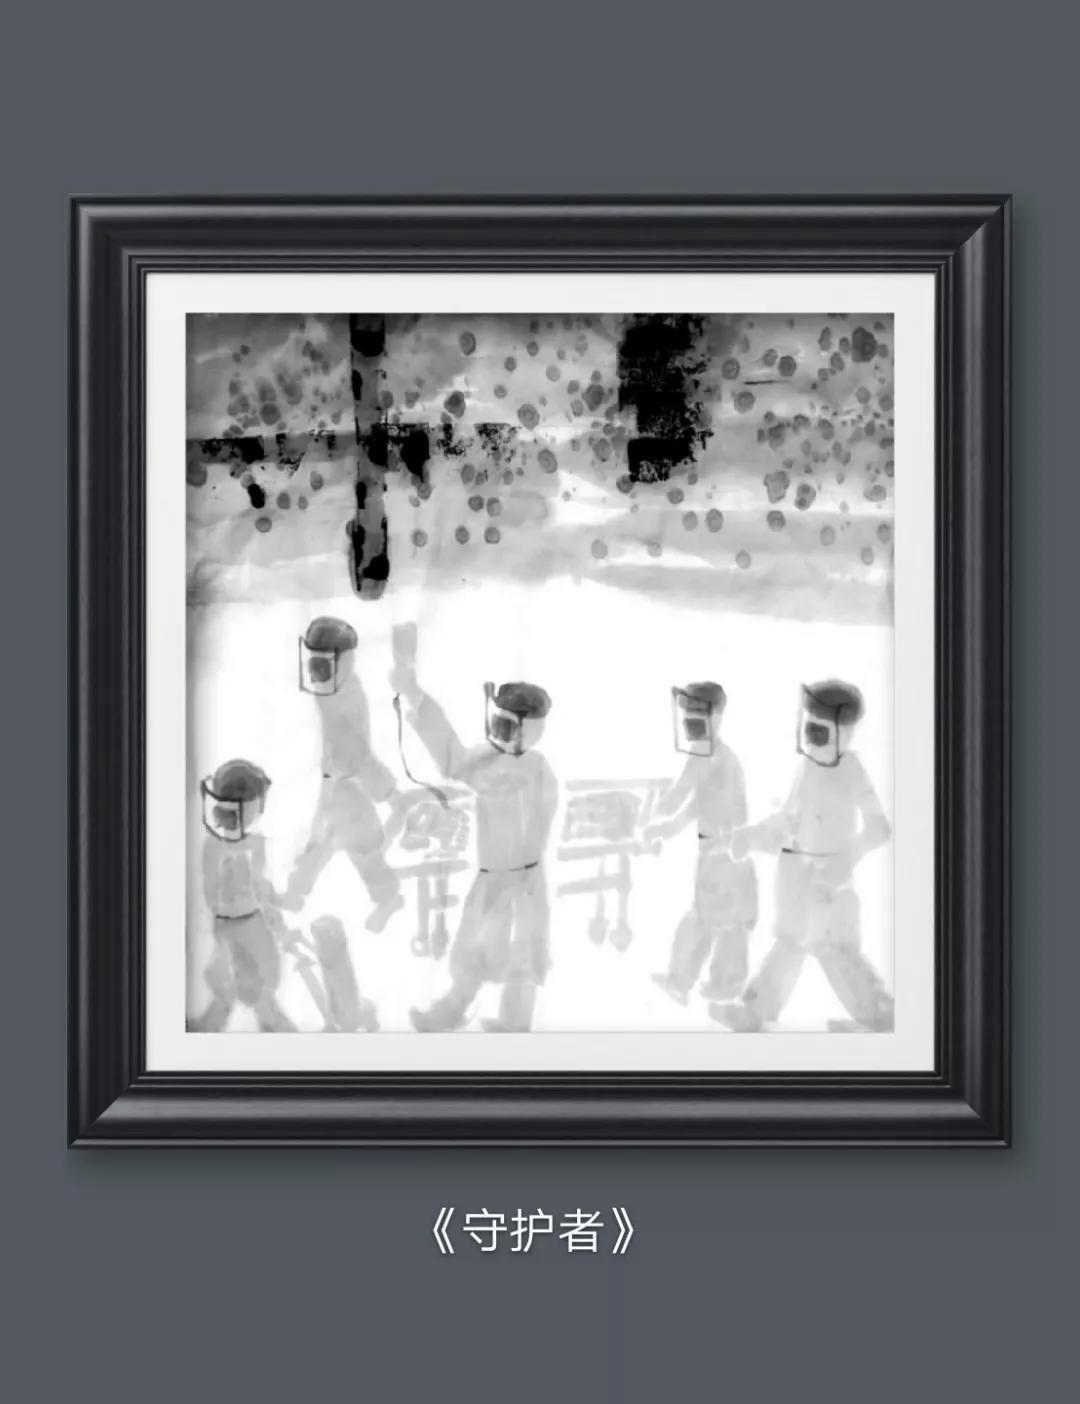 用艺术向英雄致敬 ——记著名艺术家王华明最新《众志成城、共同抗疫》系列作品问世